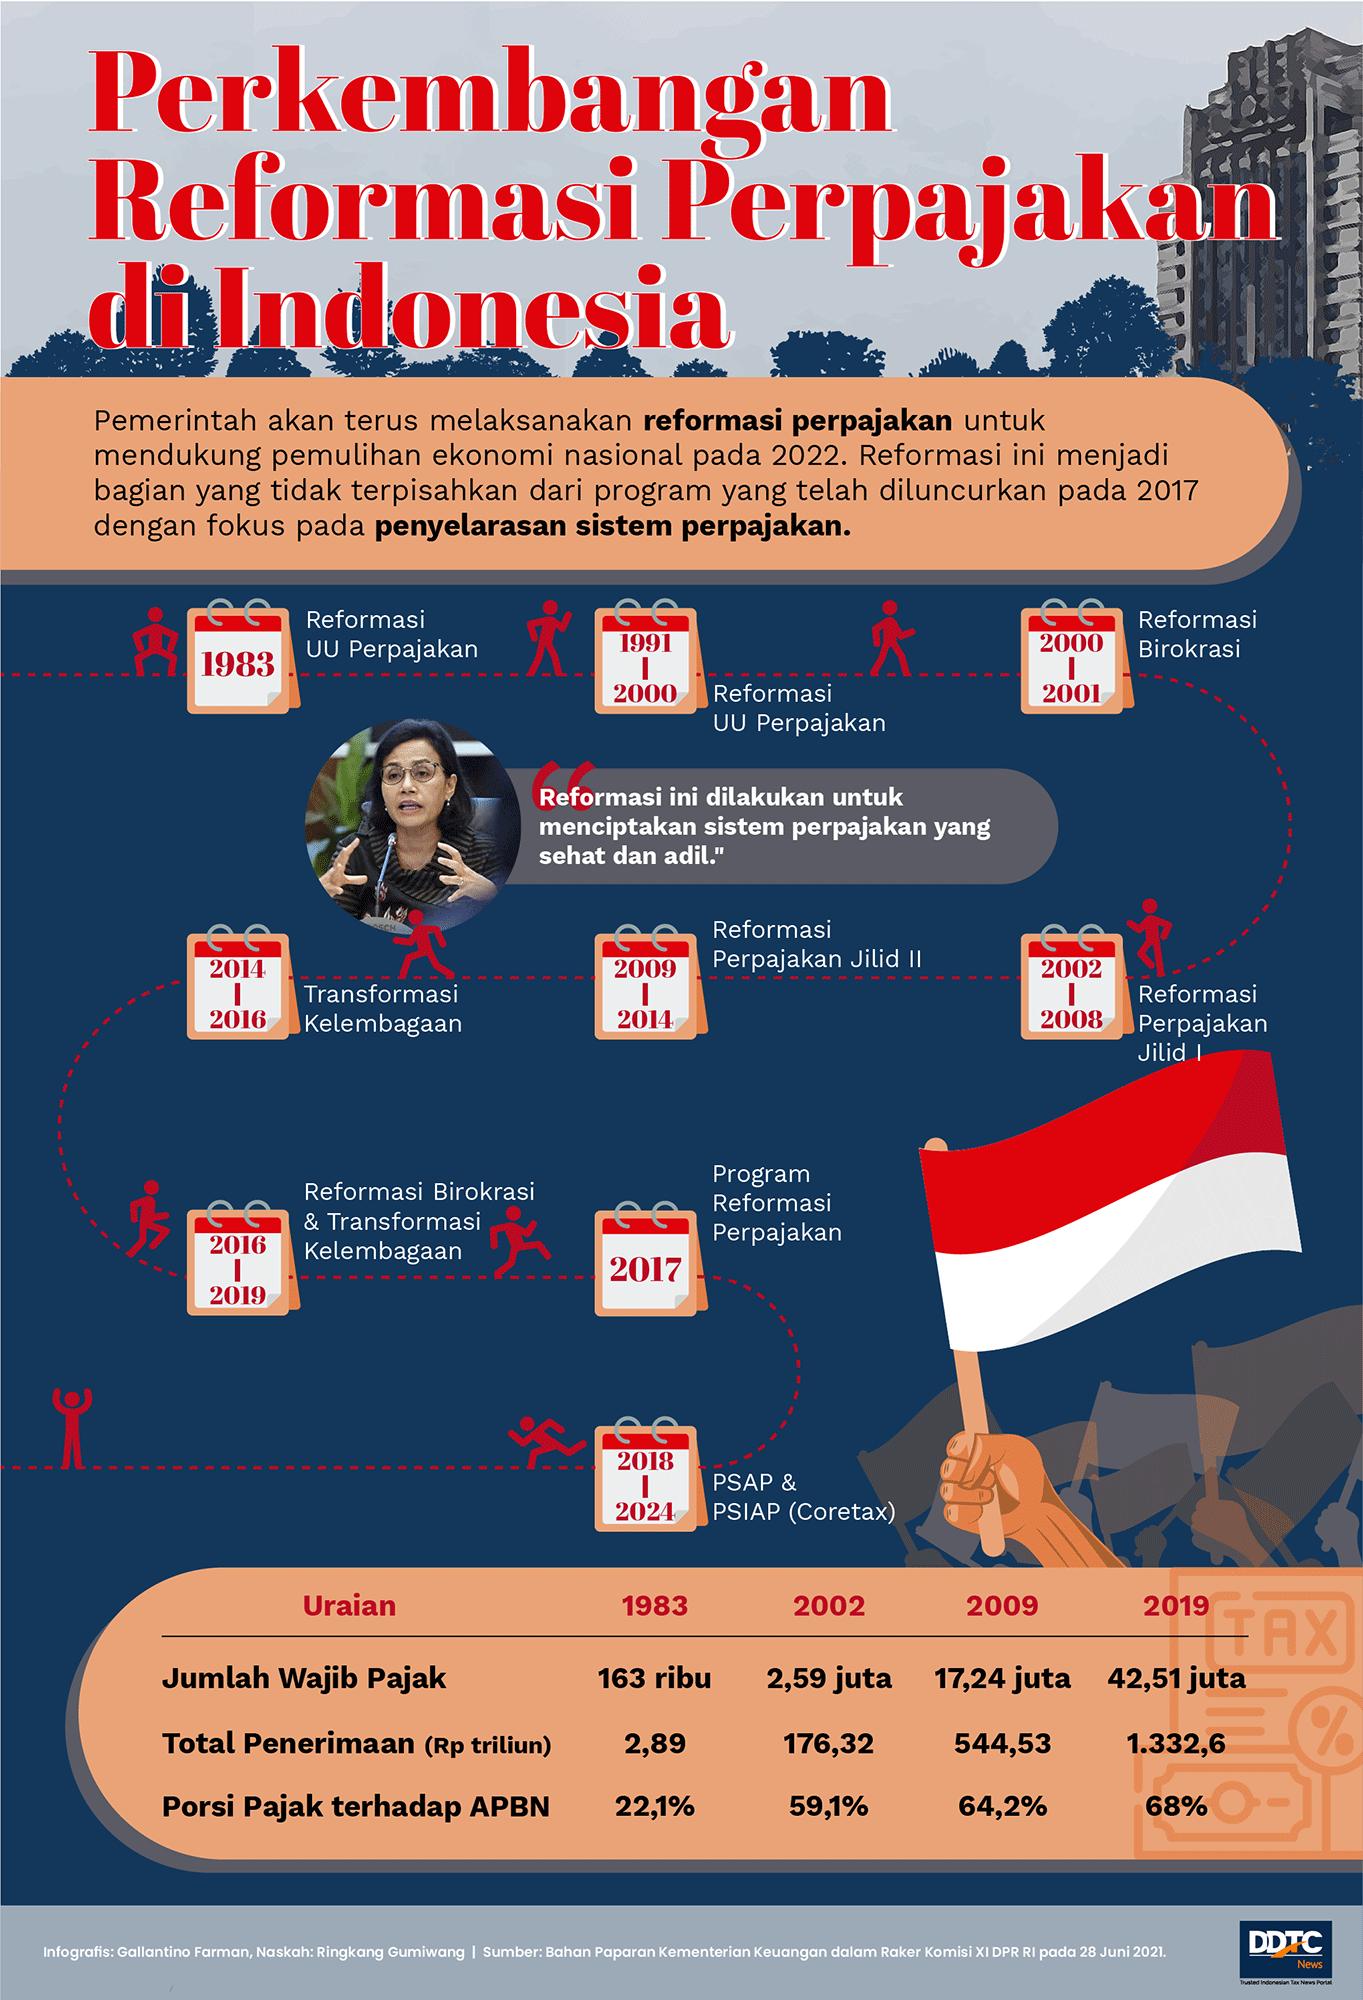 Perkembangan Reformasi Perpajakan di Indonesia